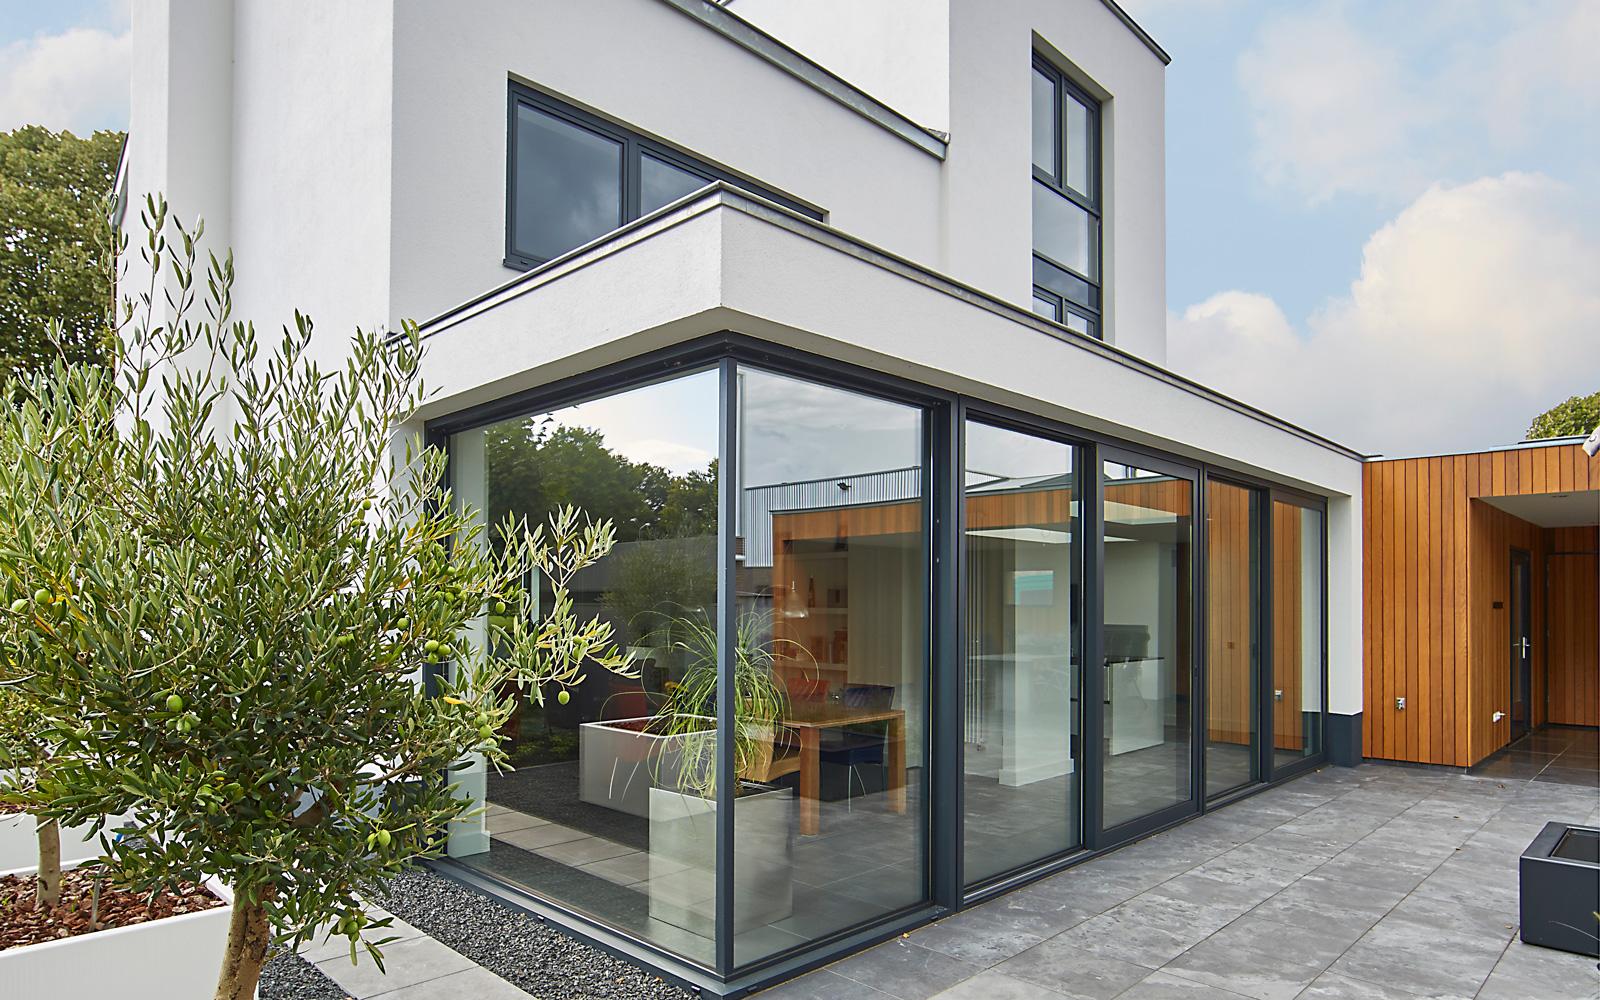 bob romijnders architectuur interieur heeft samen met bouwbedrijf sleenhoff deze prachtige villa ontworpen